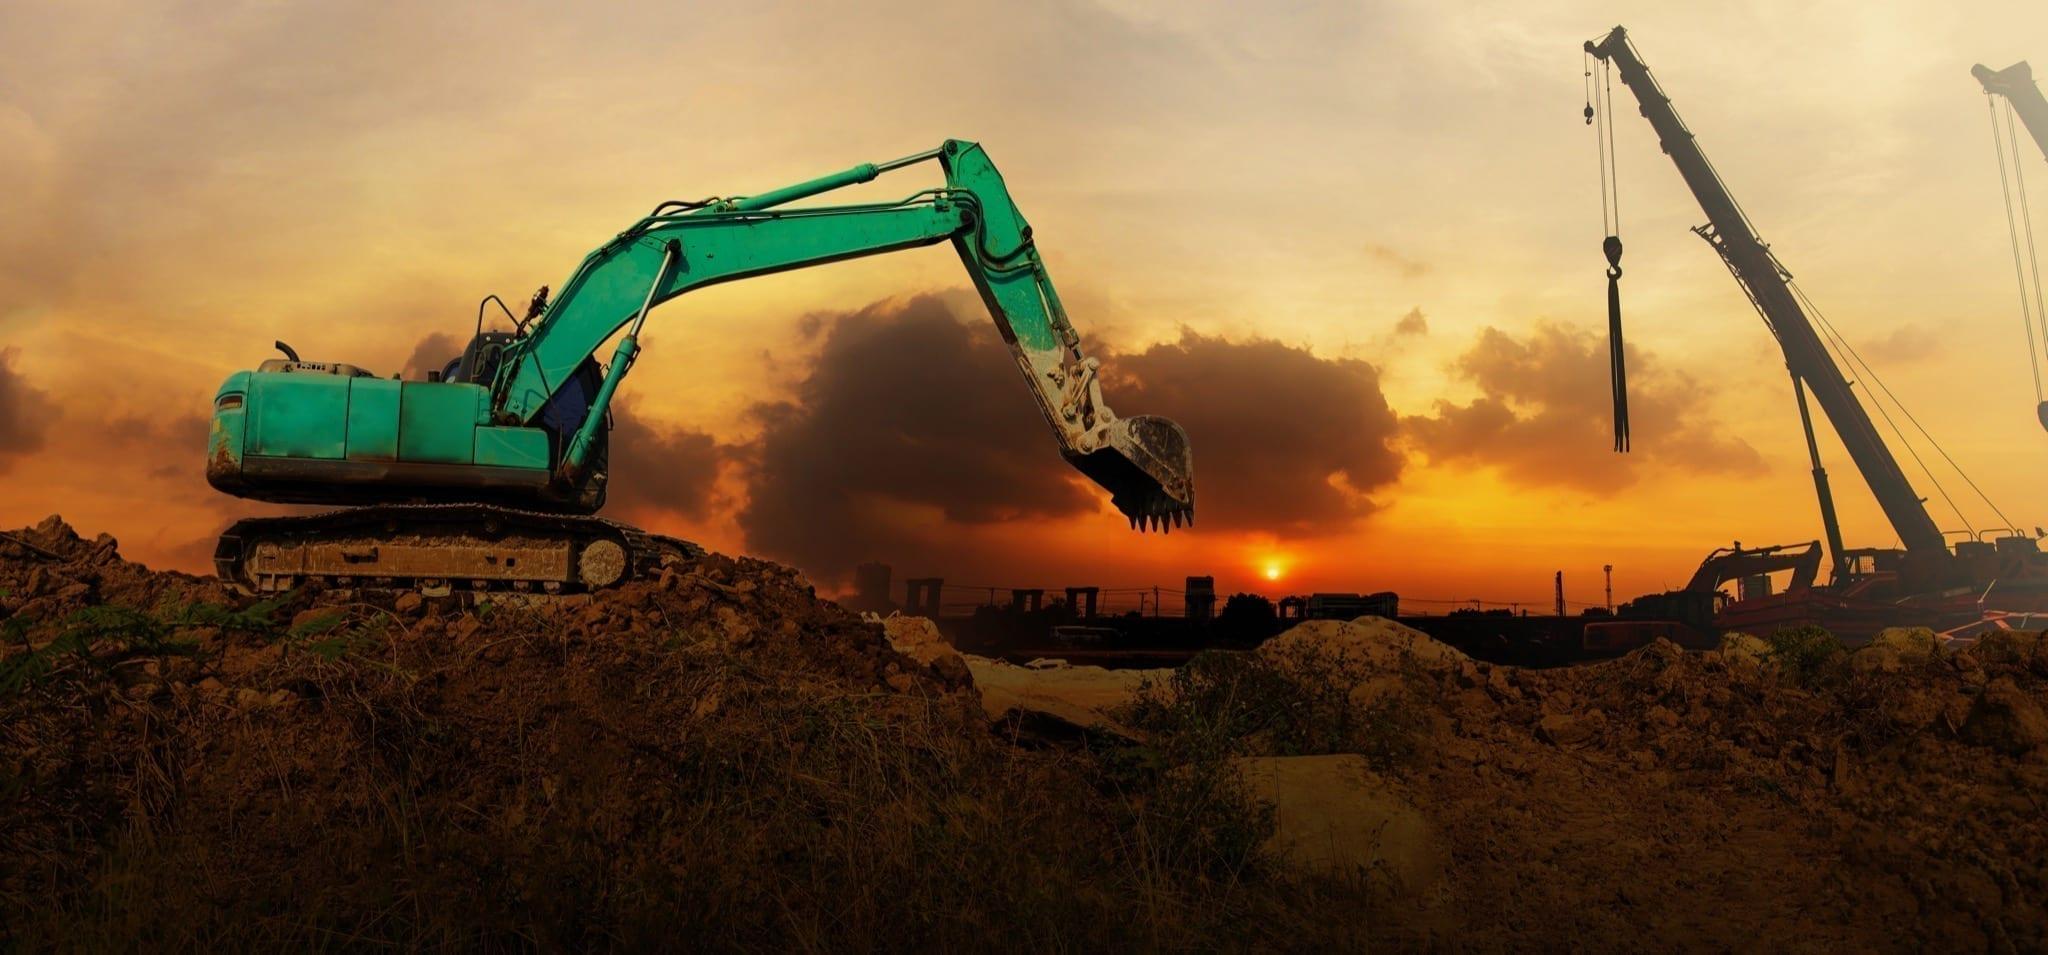 panorama excavator working construction site sunset copy - 2020: test de încredere pentru dezvoltatorii autohtoni | Analiză